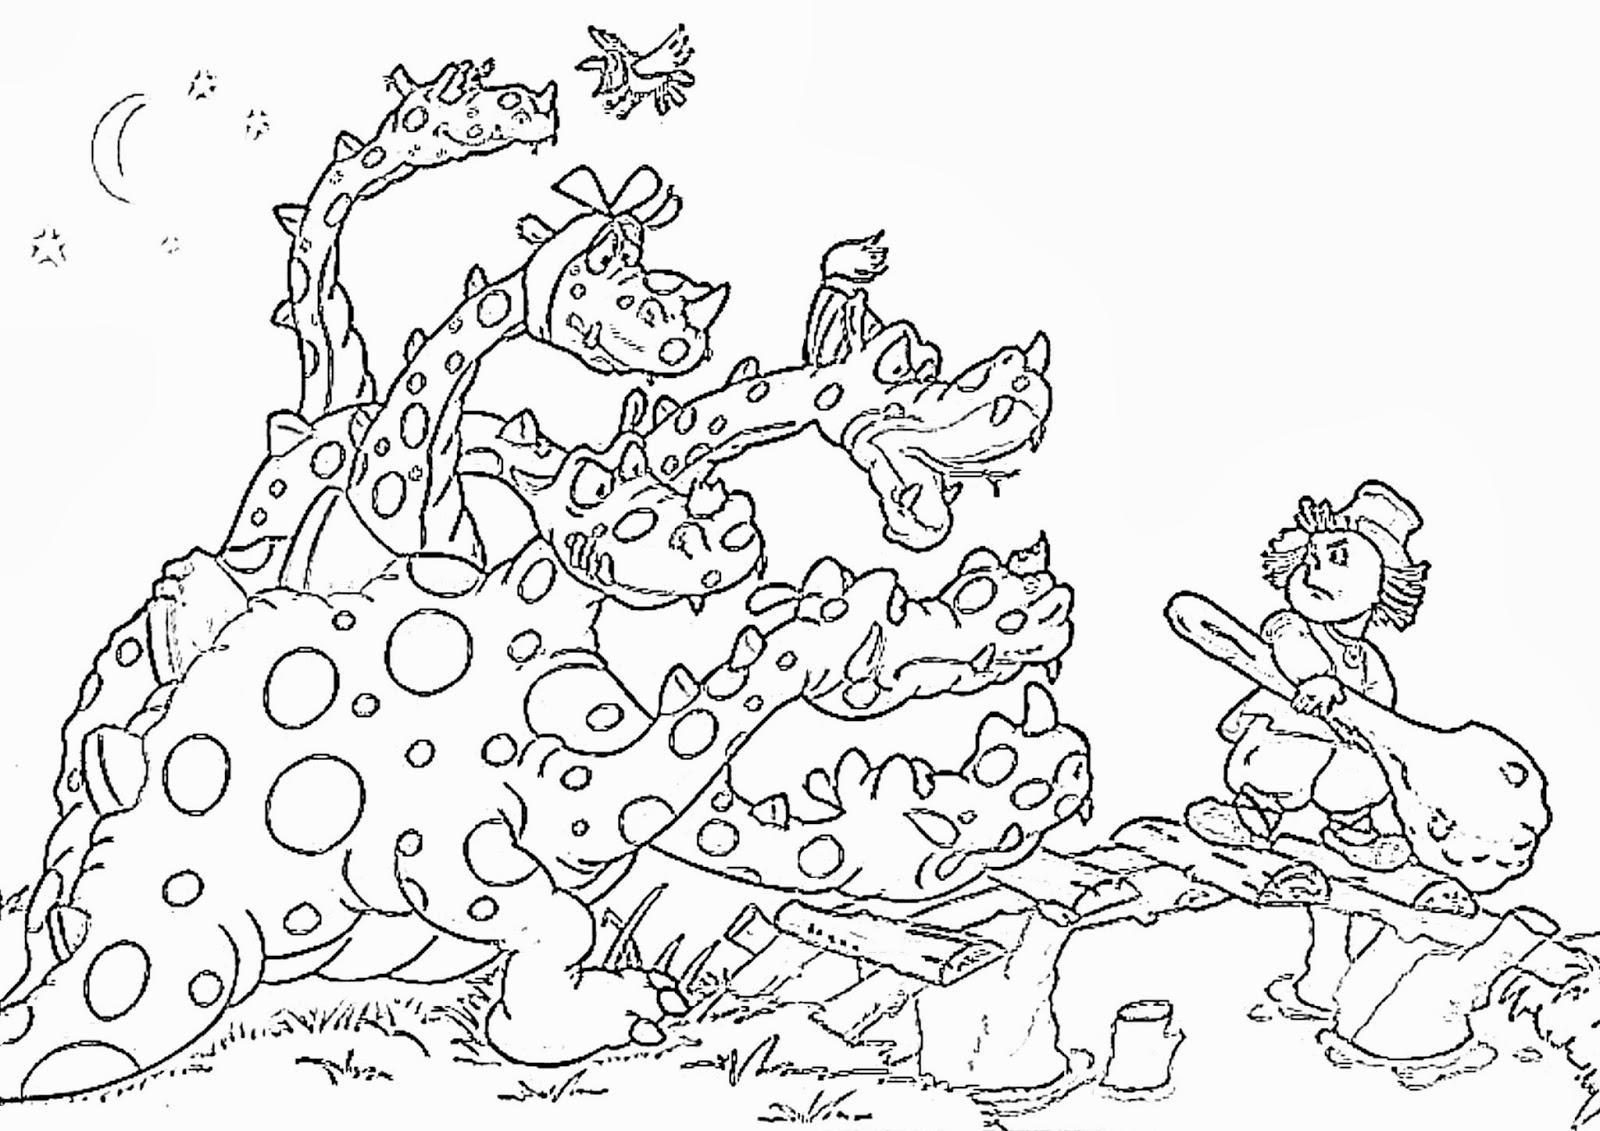 Розмальовки розмальовки Іван-селянський син і чудо-юдо дракон та іван селянський син, розфарбування